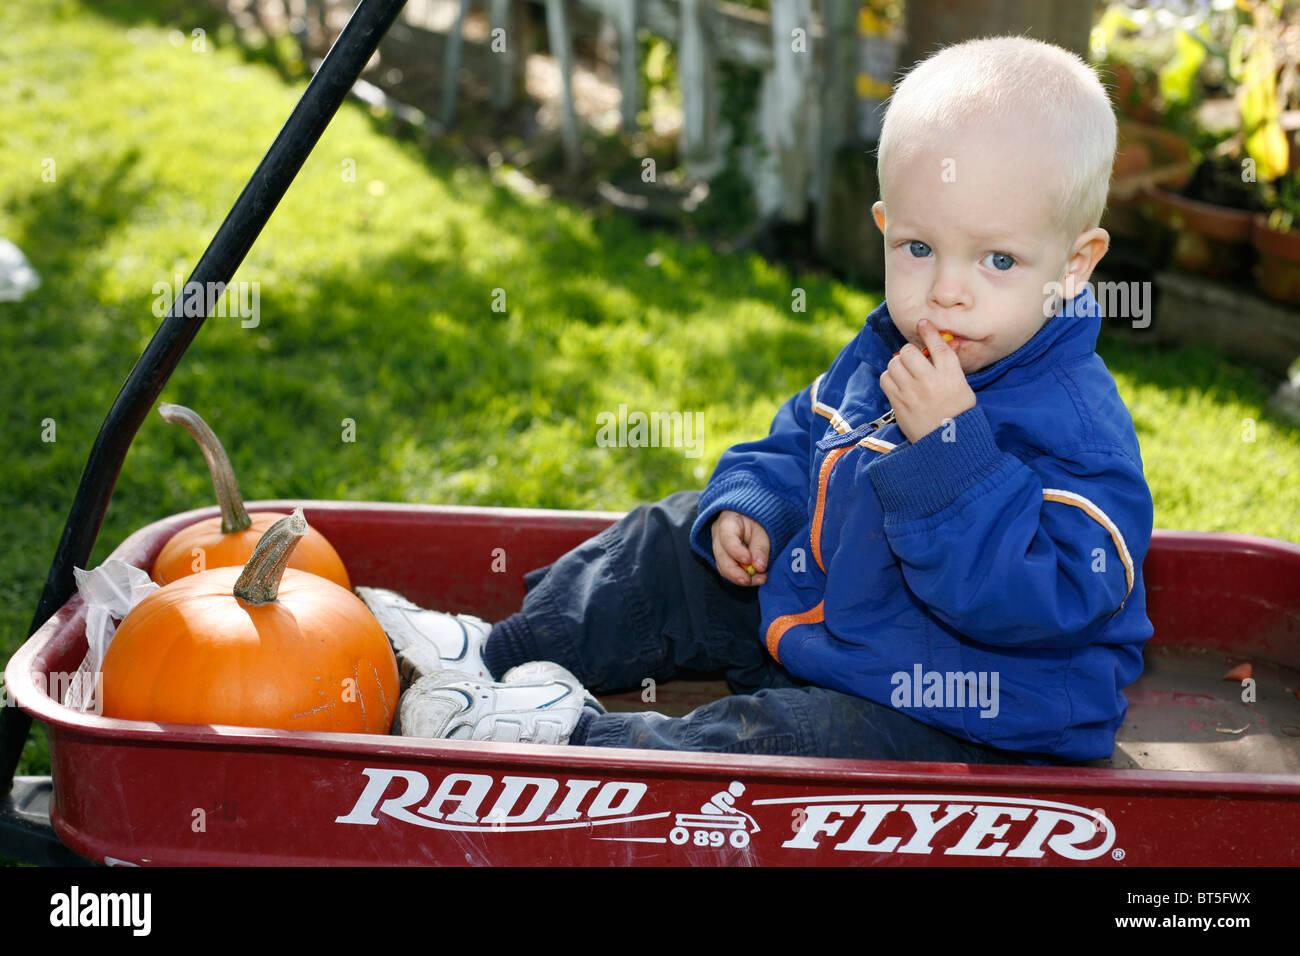 2 Jahre alter Junge in rot Radio Flyer Wagen mit Kürbissen. Stockfoto